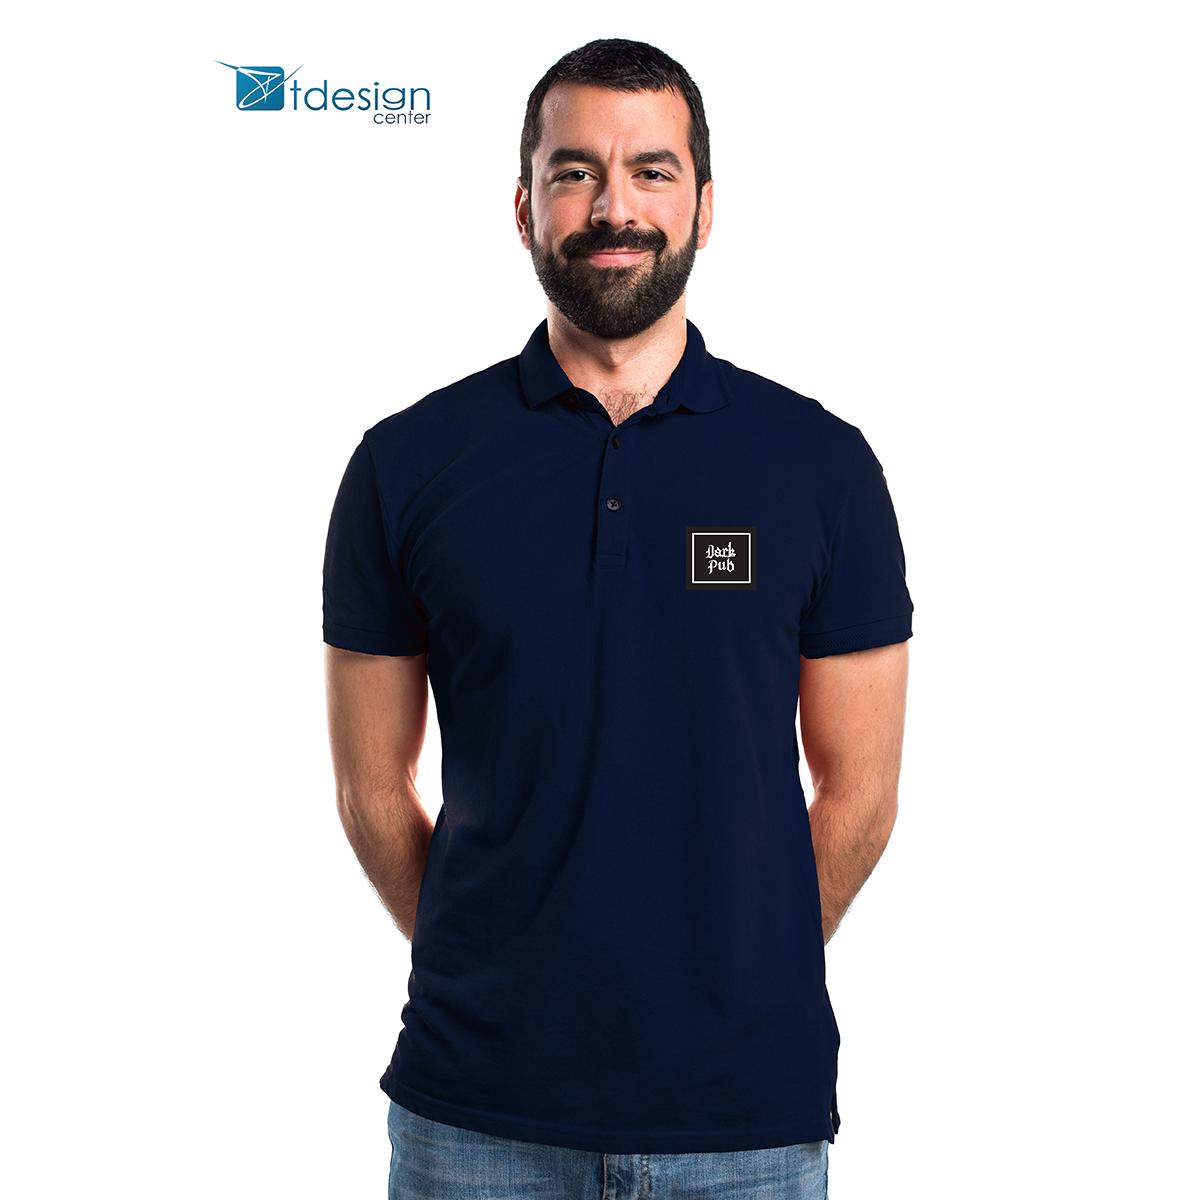 Koszulki polo z nadrukiem - projekt + realizacja